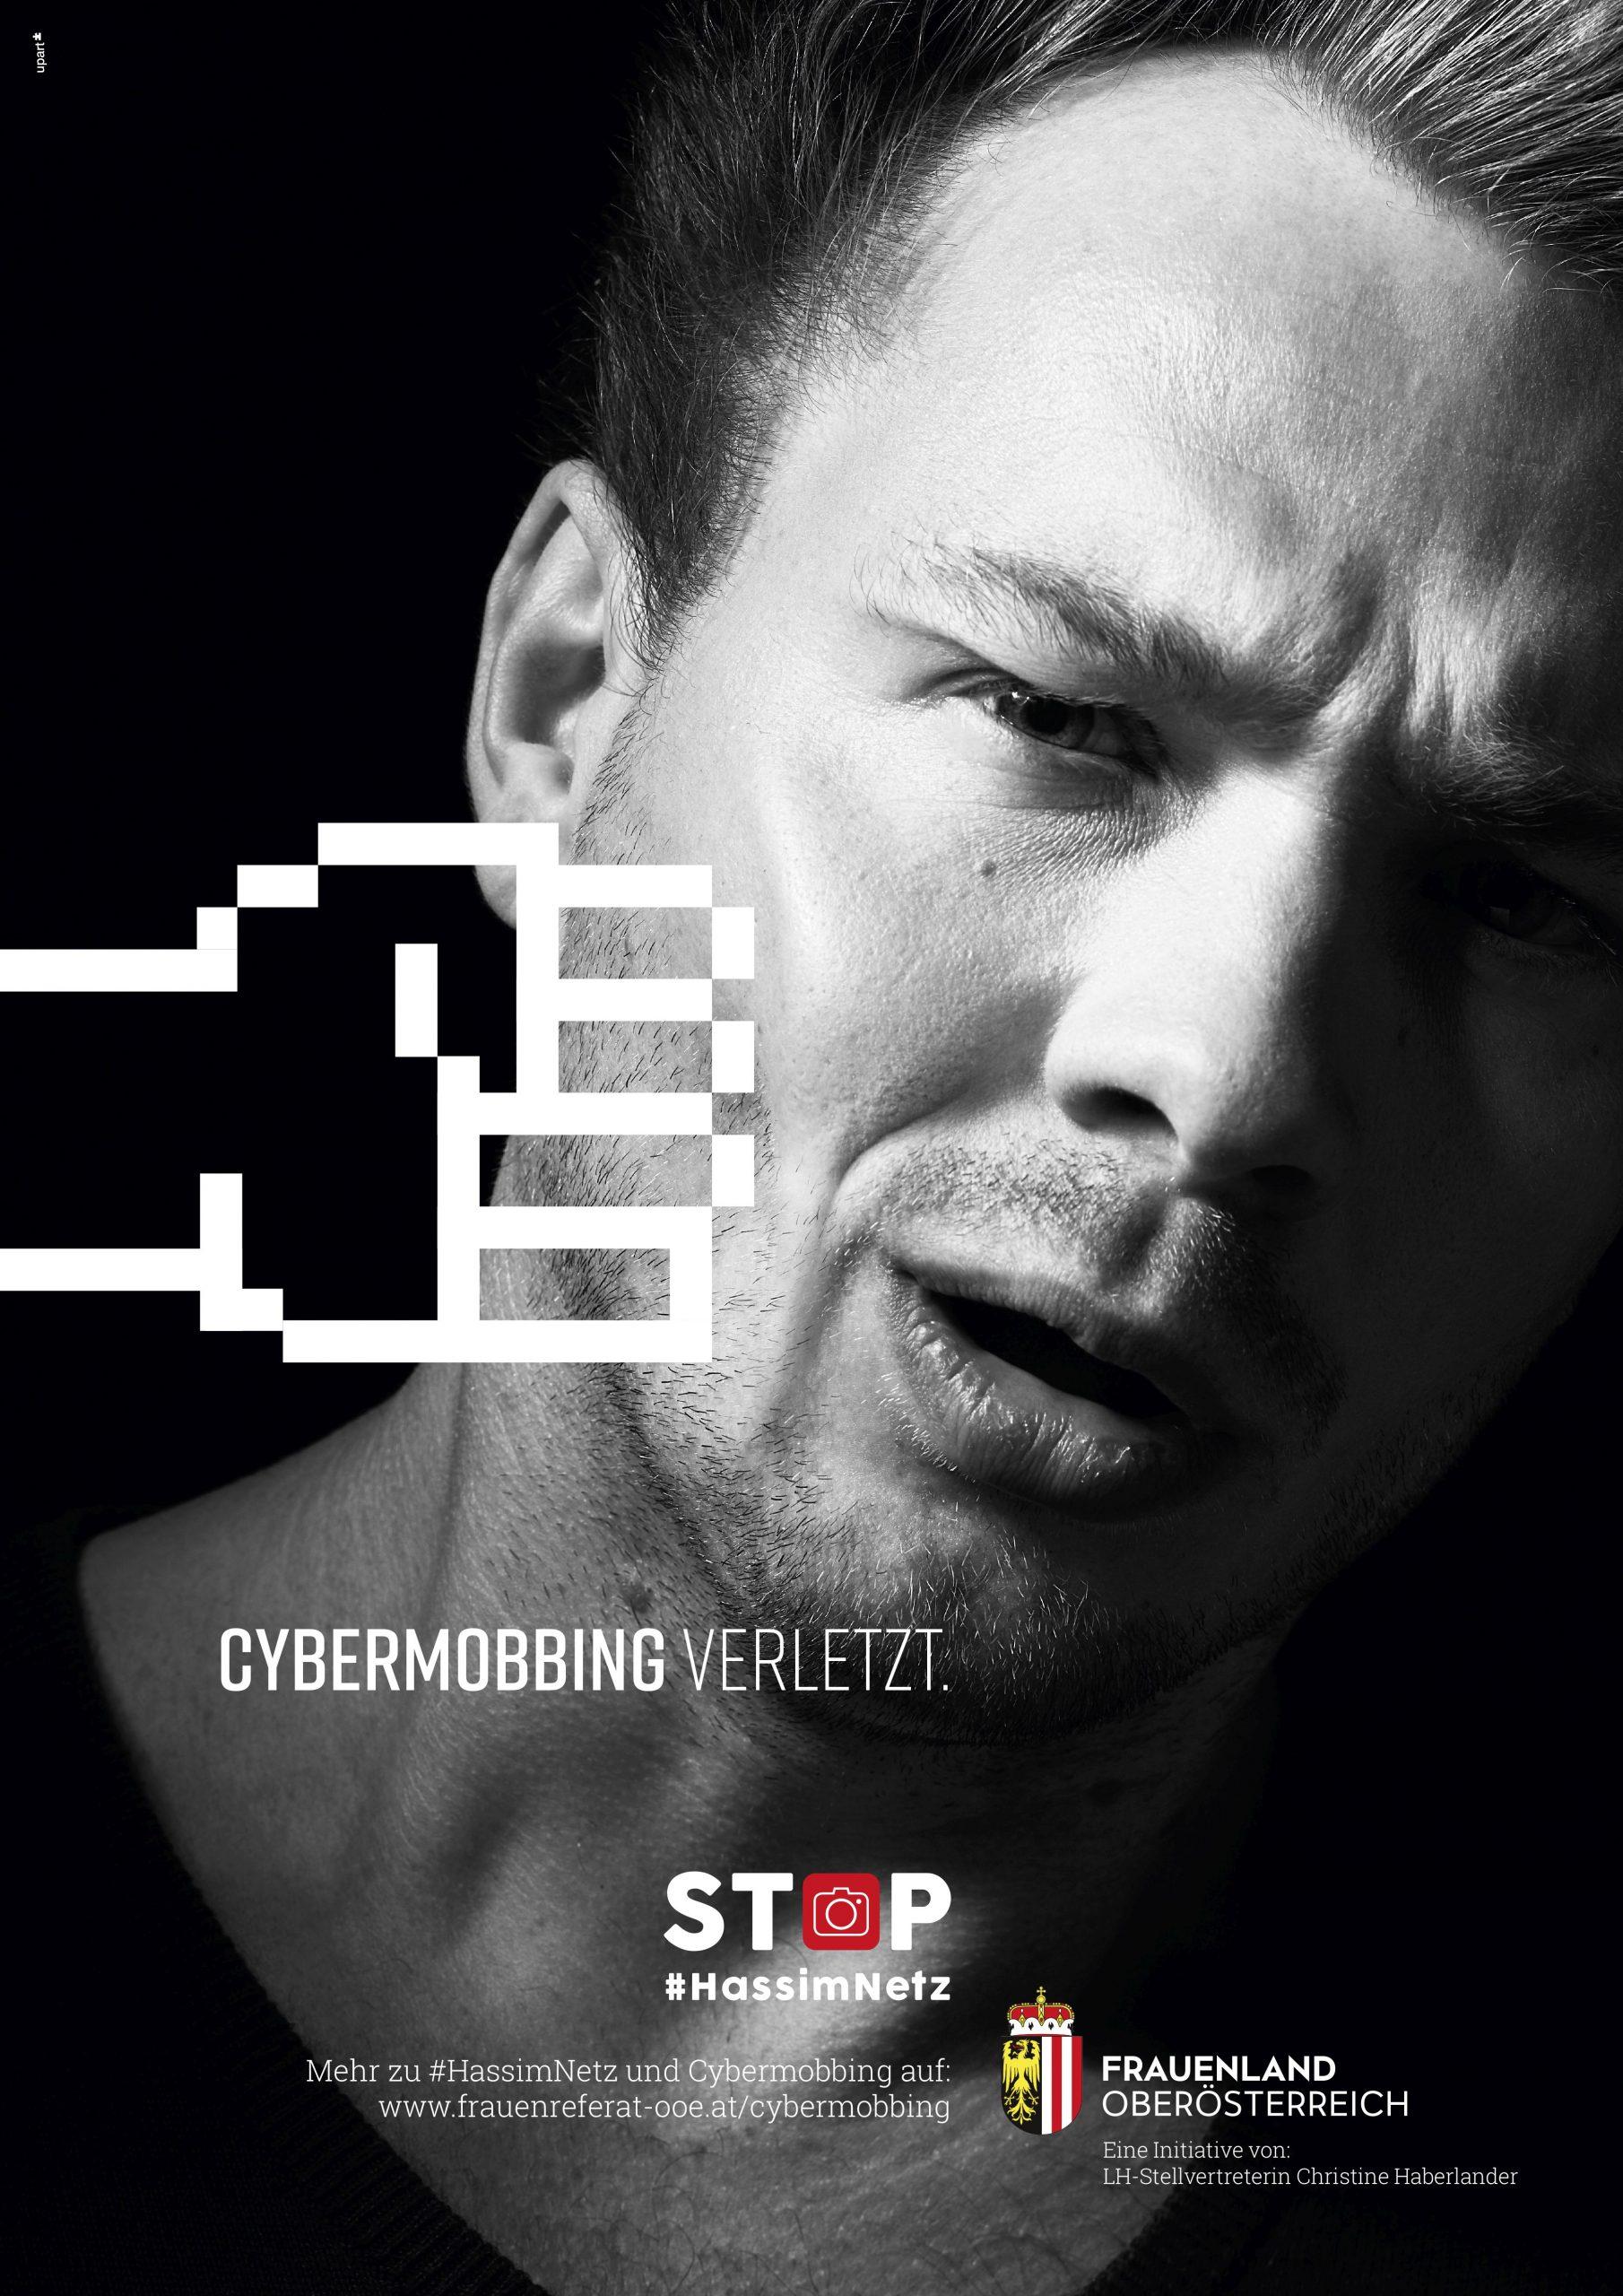 Das Bild zeigt das Gesicht eines Mannes. Er wird von einer virtuellen Faust getroffen. Darunter steht: Cybermobbing verletzt.